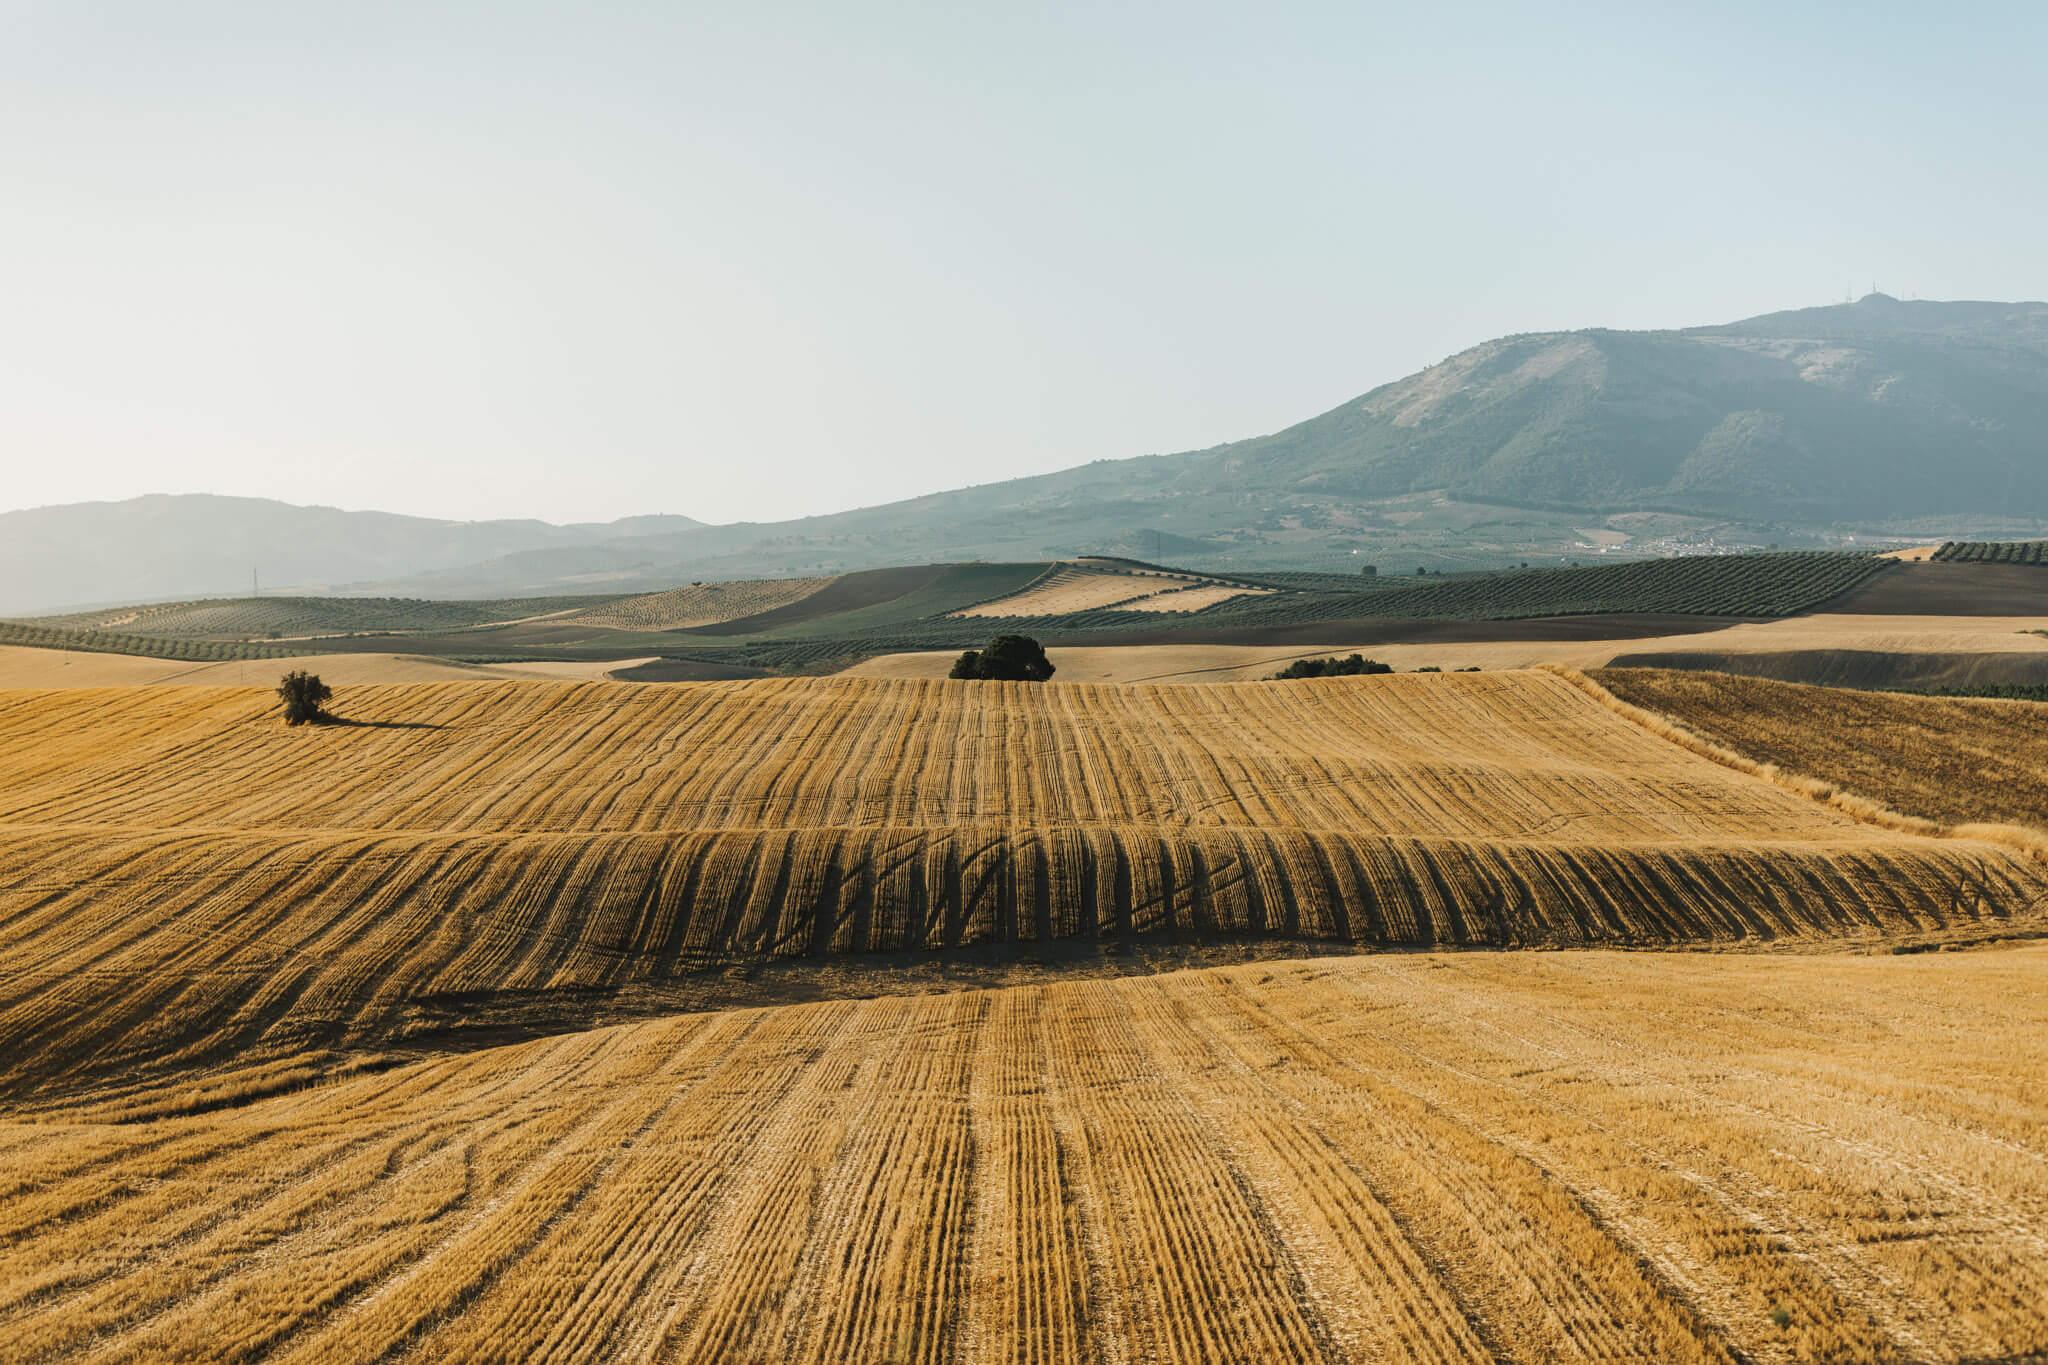 Spain-Travel-Photography-Natalie-Skoric-1.jpg